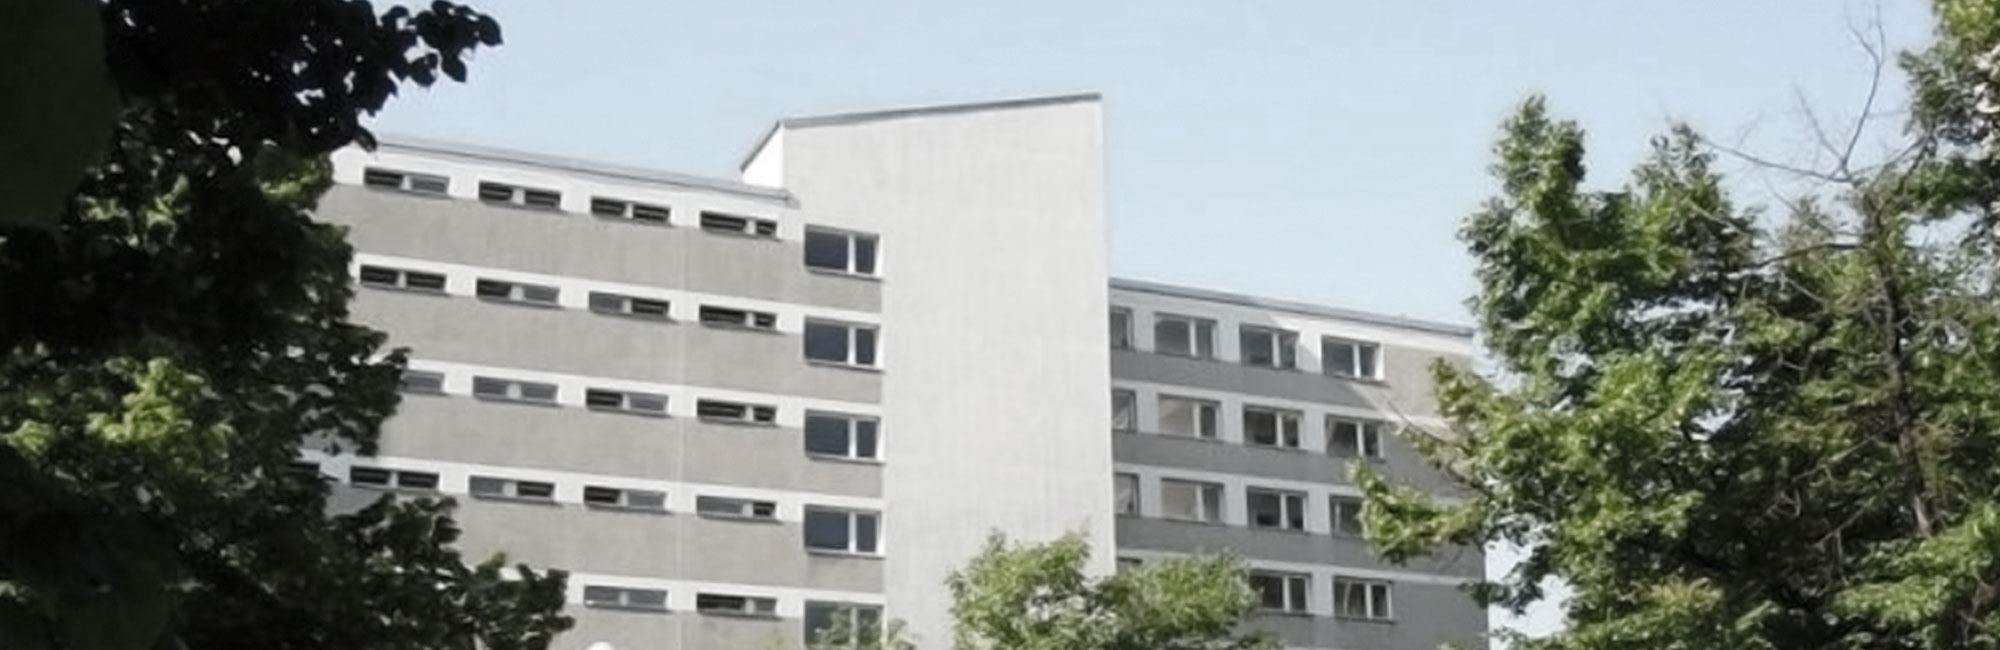 Architekt Heinrich Projekte aus dem Bereich Gesundheit